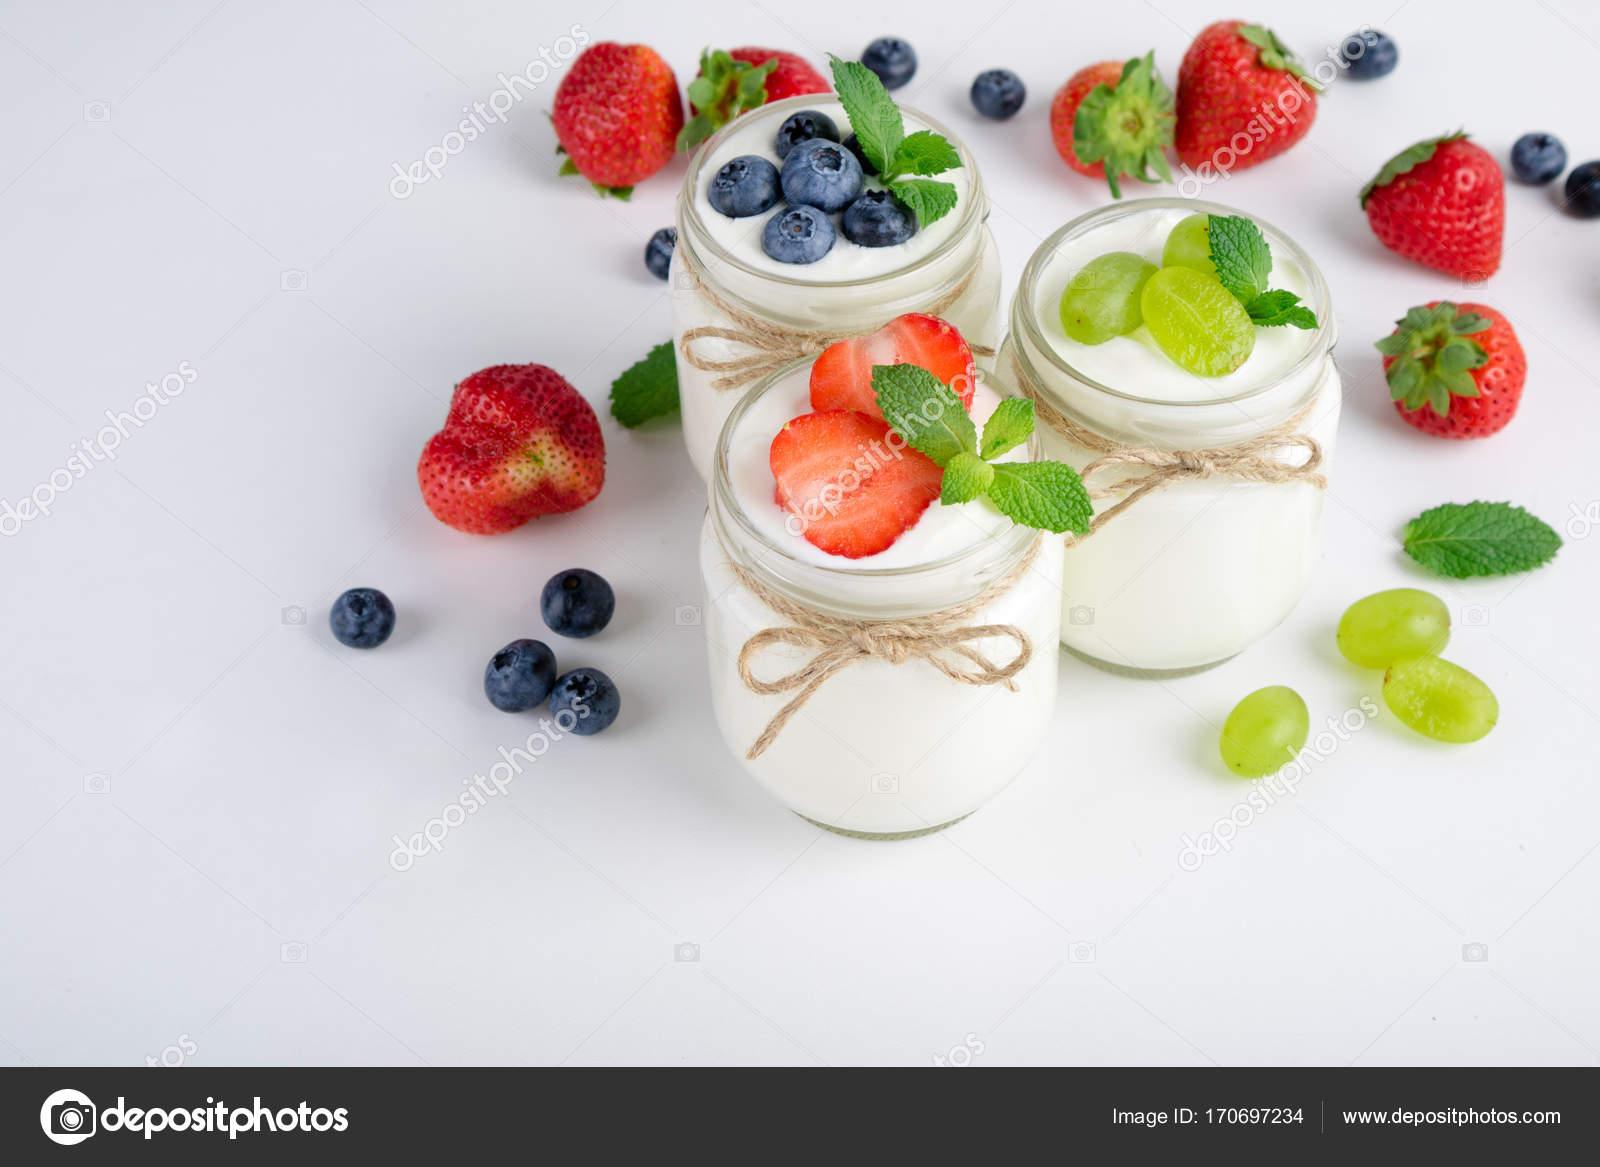 Картинки: растение, зерно, малина, фрукты, ягода, оранжевый.